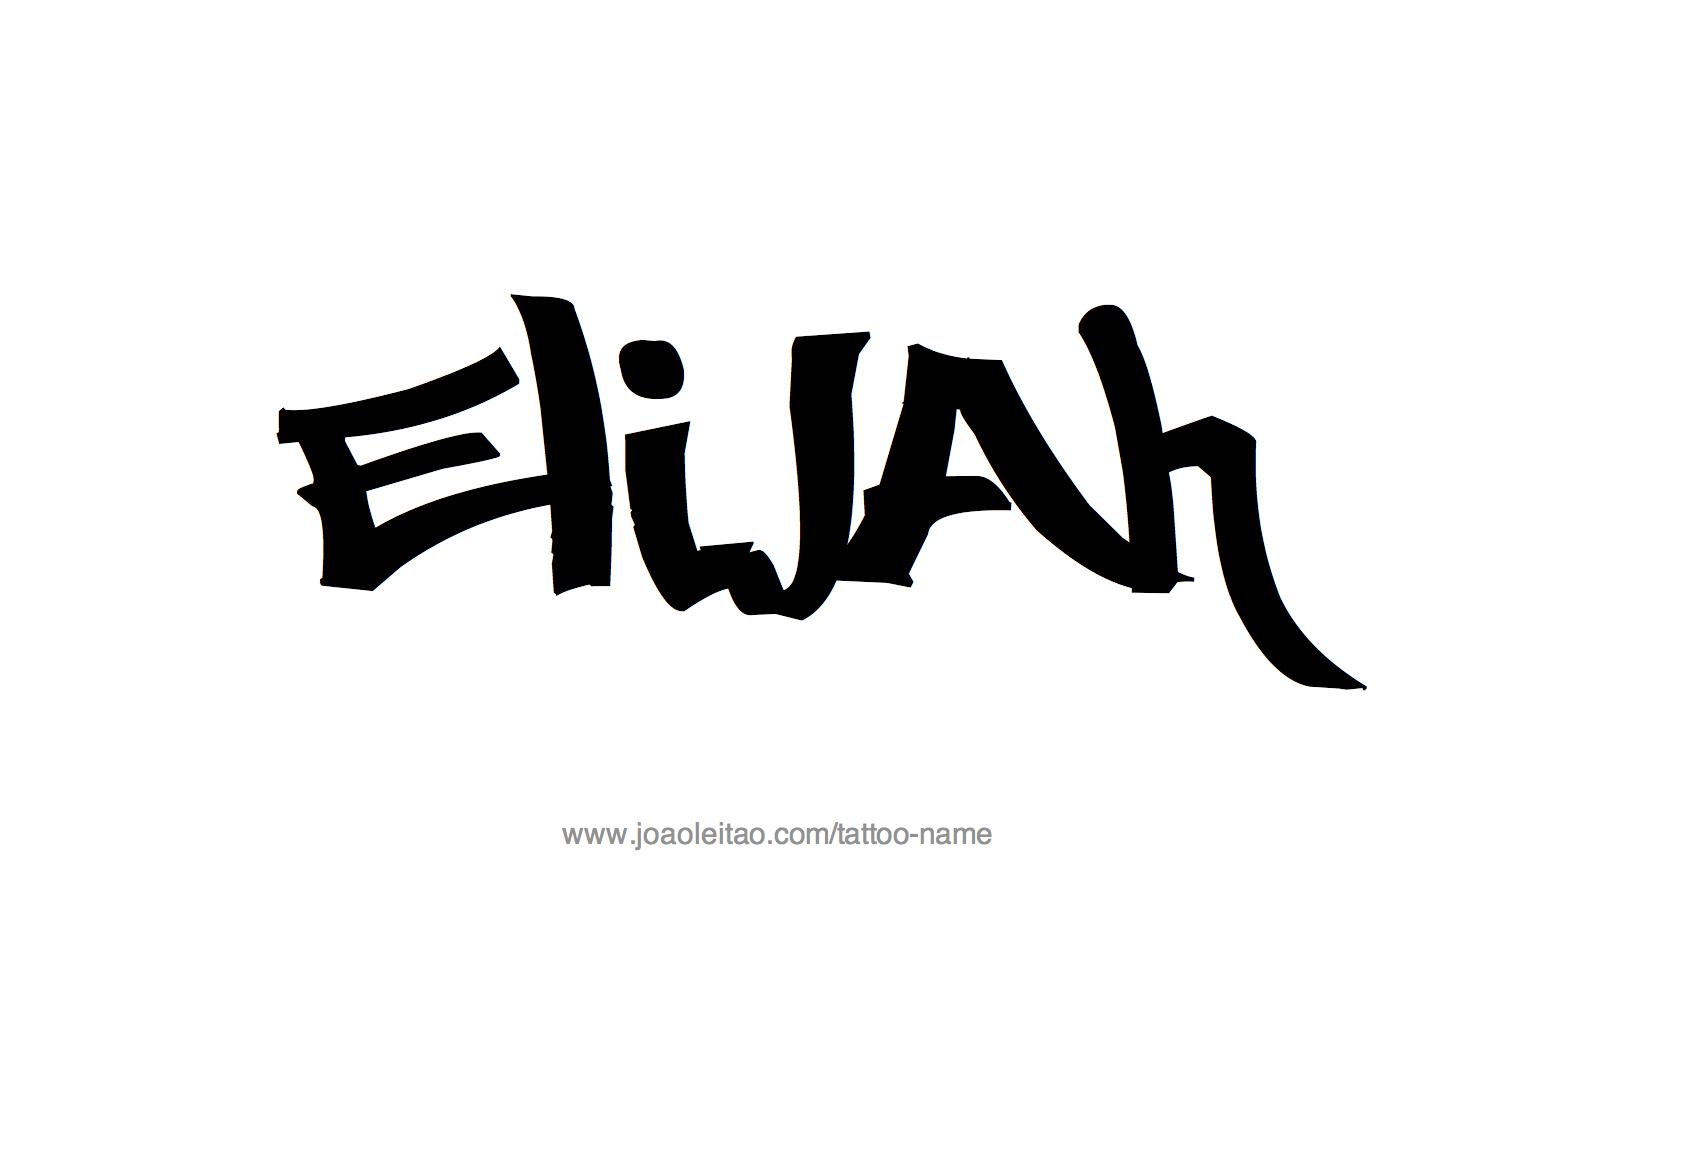 Elijah Name Tattoo Designs